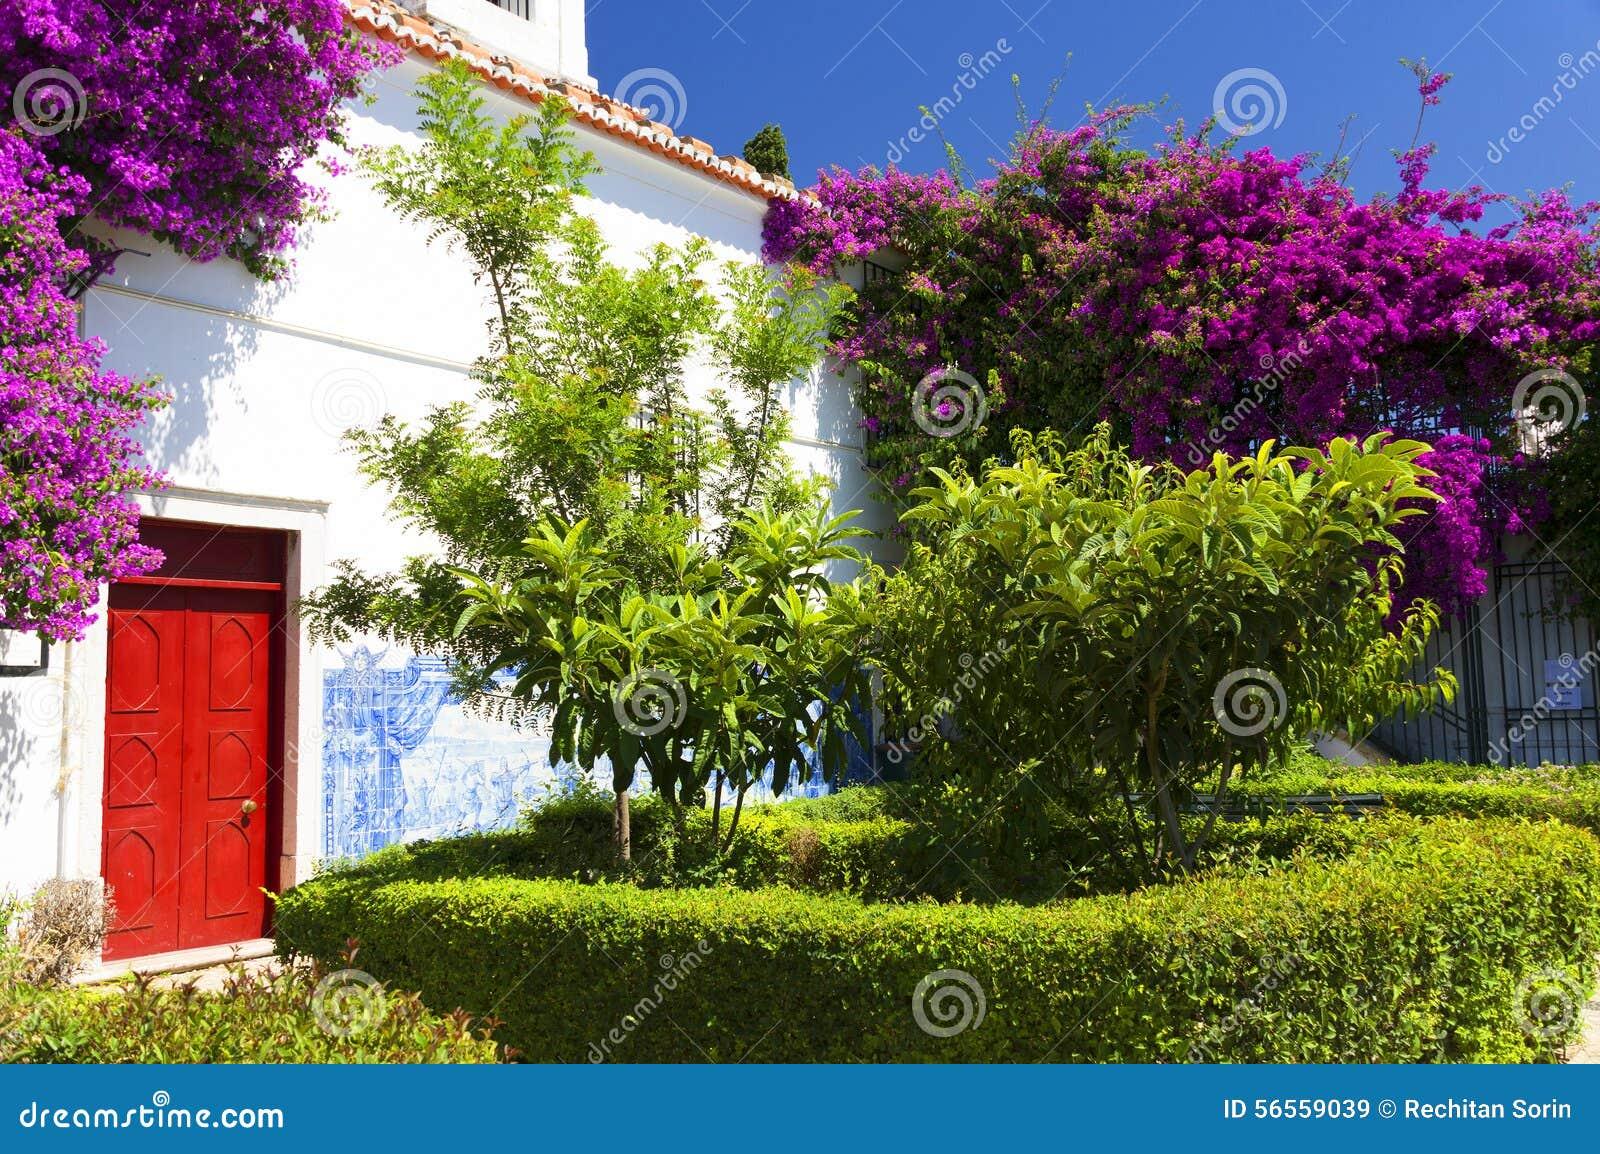 Download Αρχιτεκτονική λεπτομέρεια στη Λισσαβώνα Στοκ Εικόνα - εικόνα από πορτογαλικά, plaza: 56559039